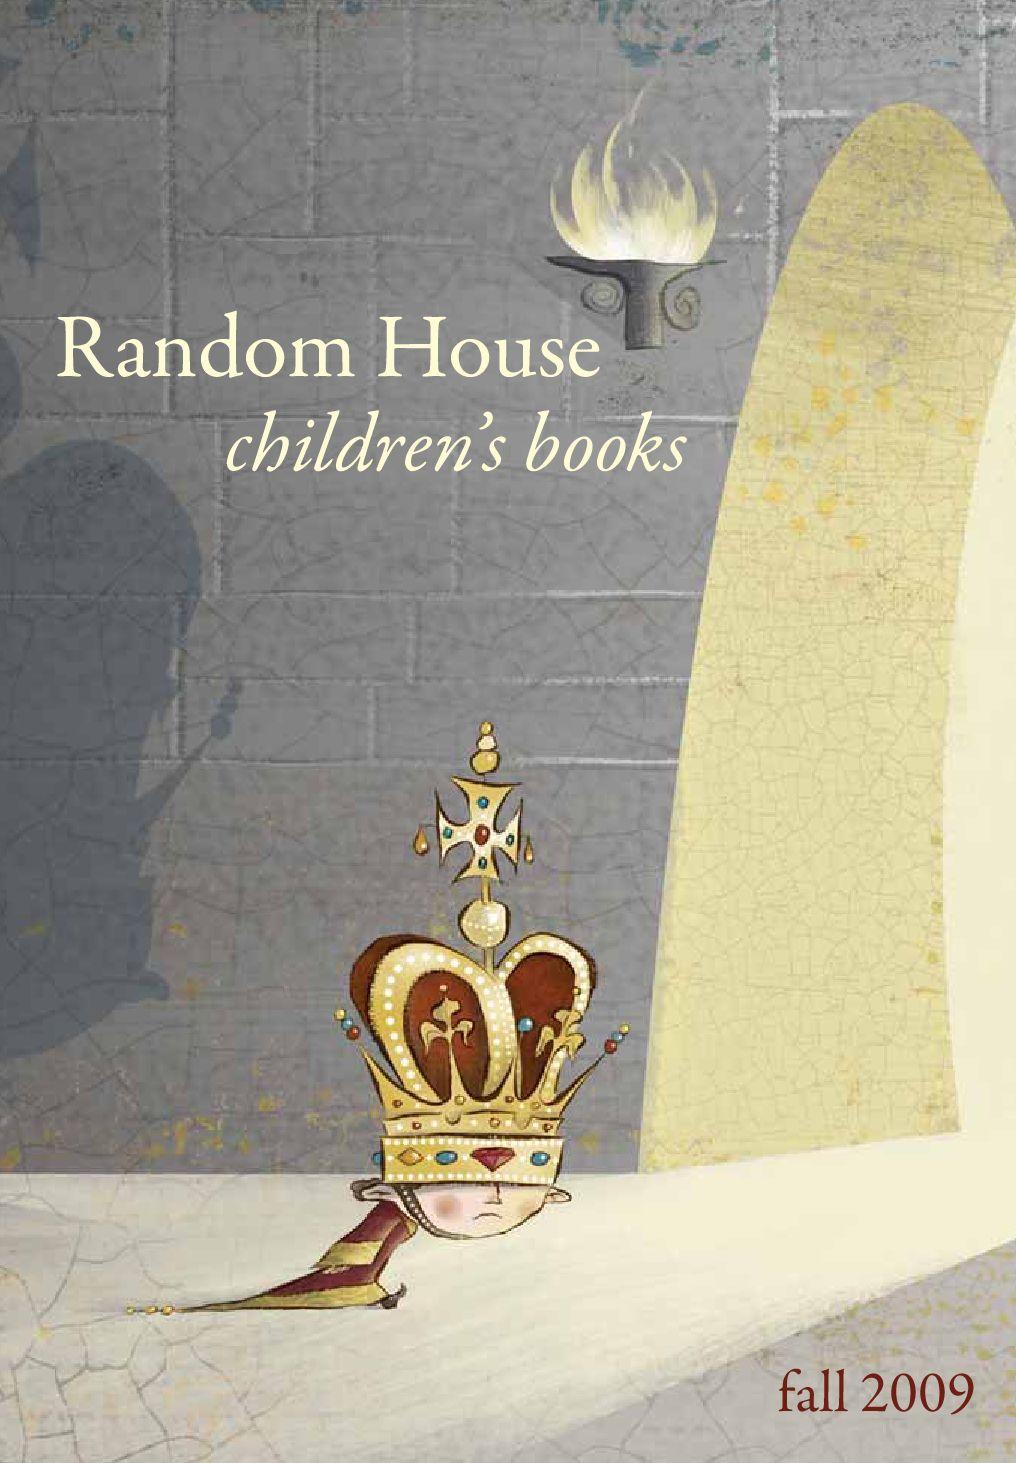 Random House Children's Books Fall 2009 Catalog by Random House Children's  Books - issuu